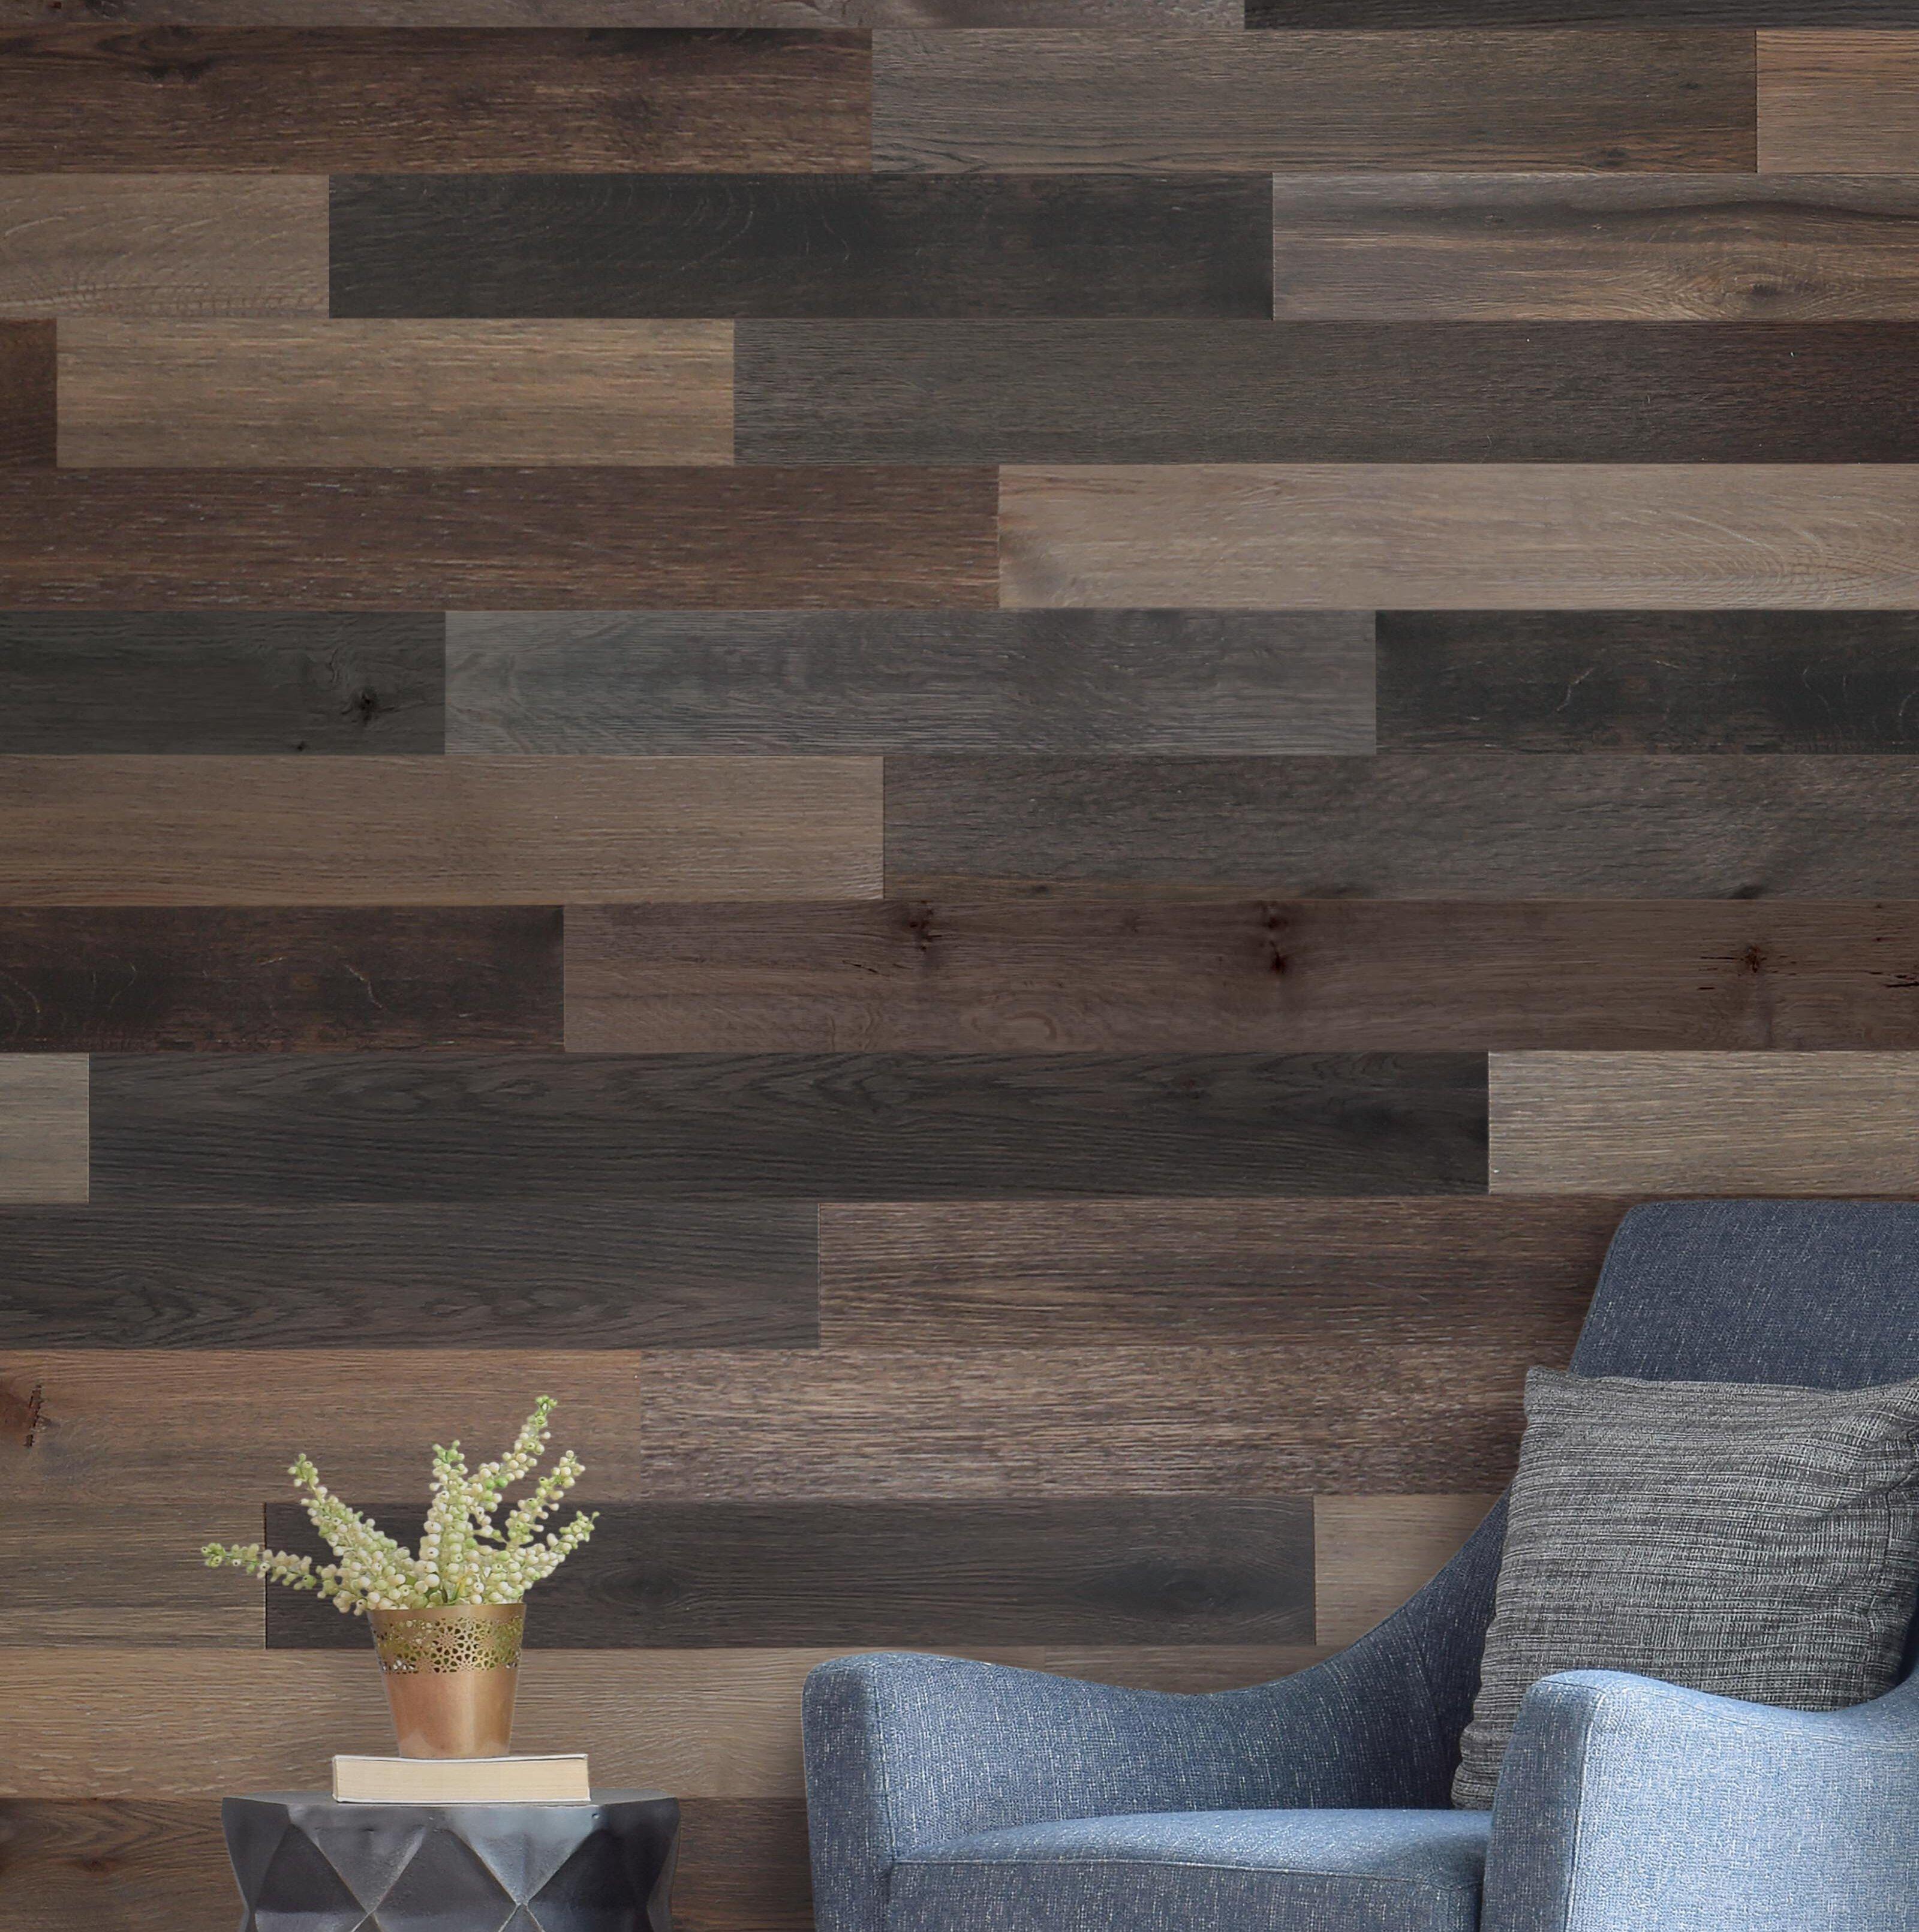 Wallplanks 5 1 engineered wood wall paneling in cobalt reviews wayfair